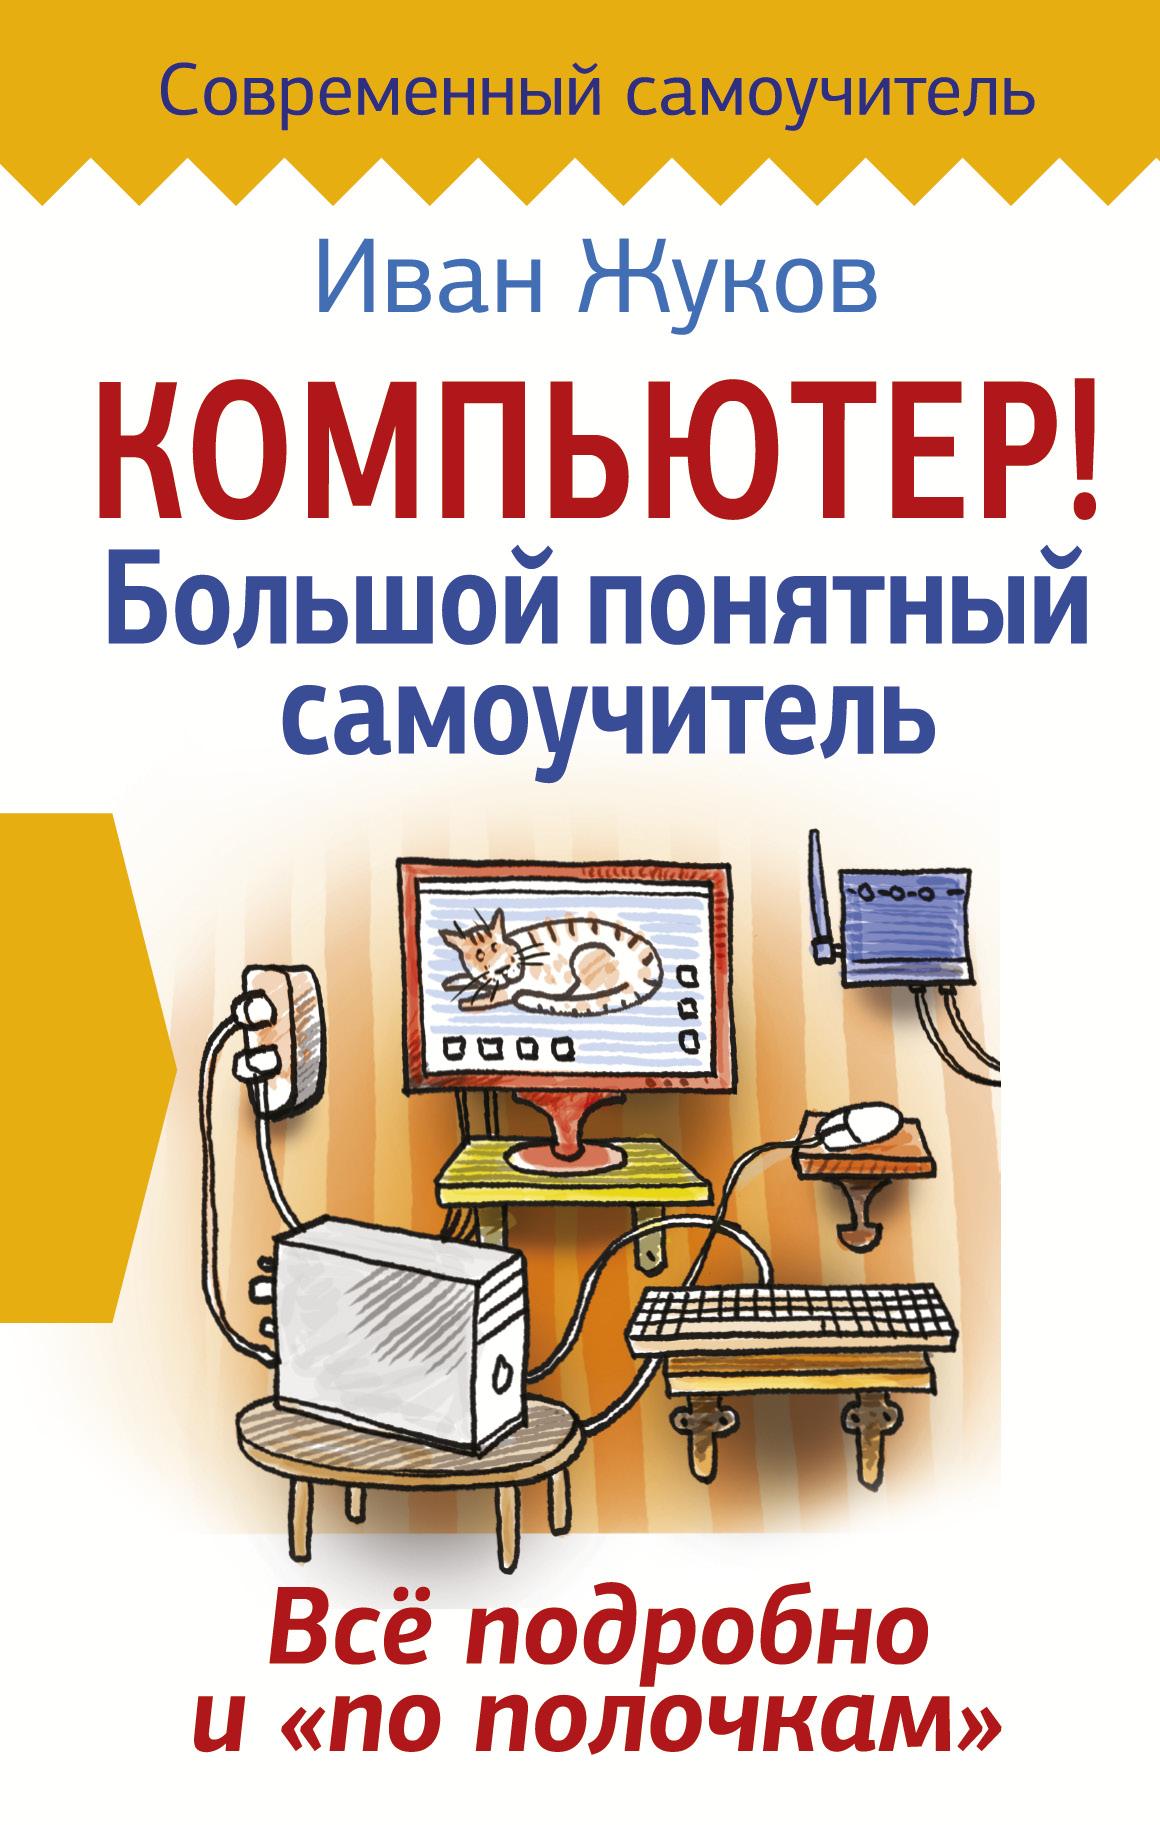 Жуков Иван Компьютер! Большой понятный самоучитель. Все подробно и «по полочкам» жуков иван большой самоучитель компьютер и ноутбук издание исправленное и доработанное